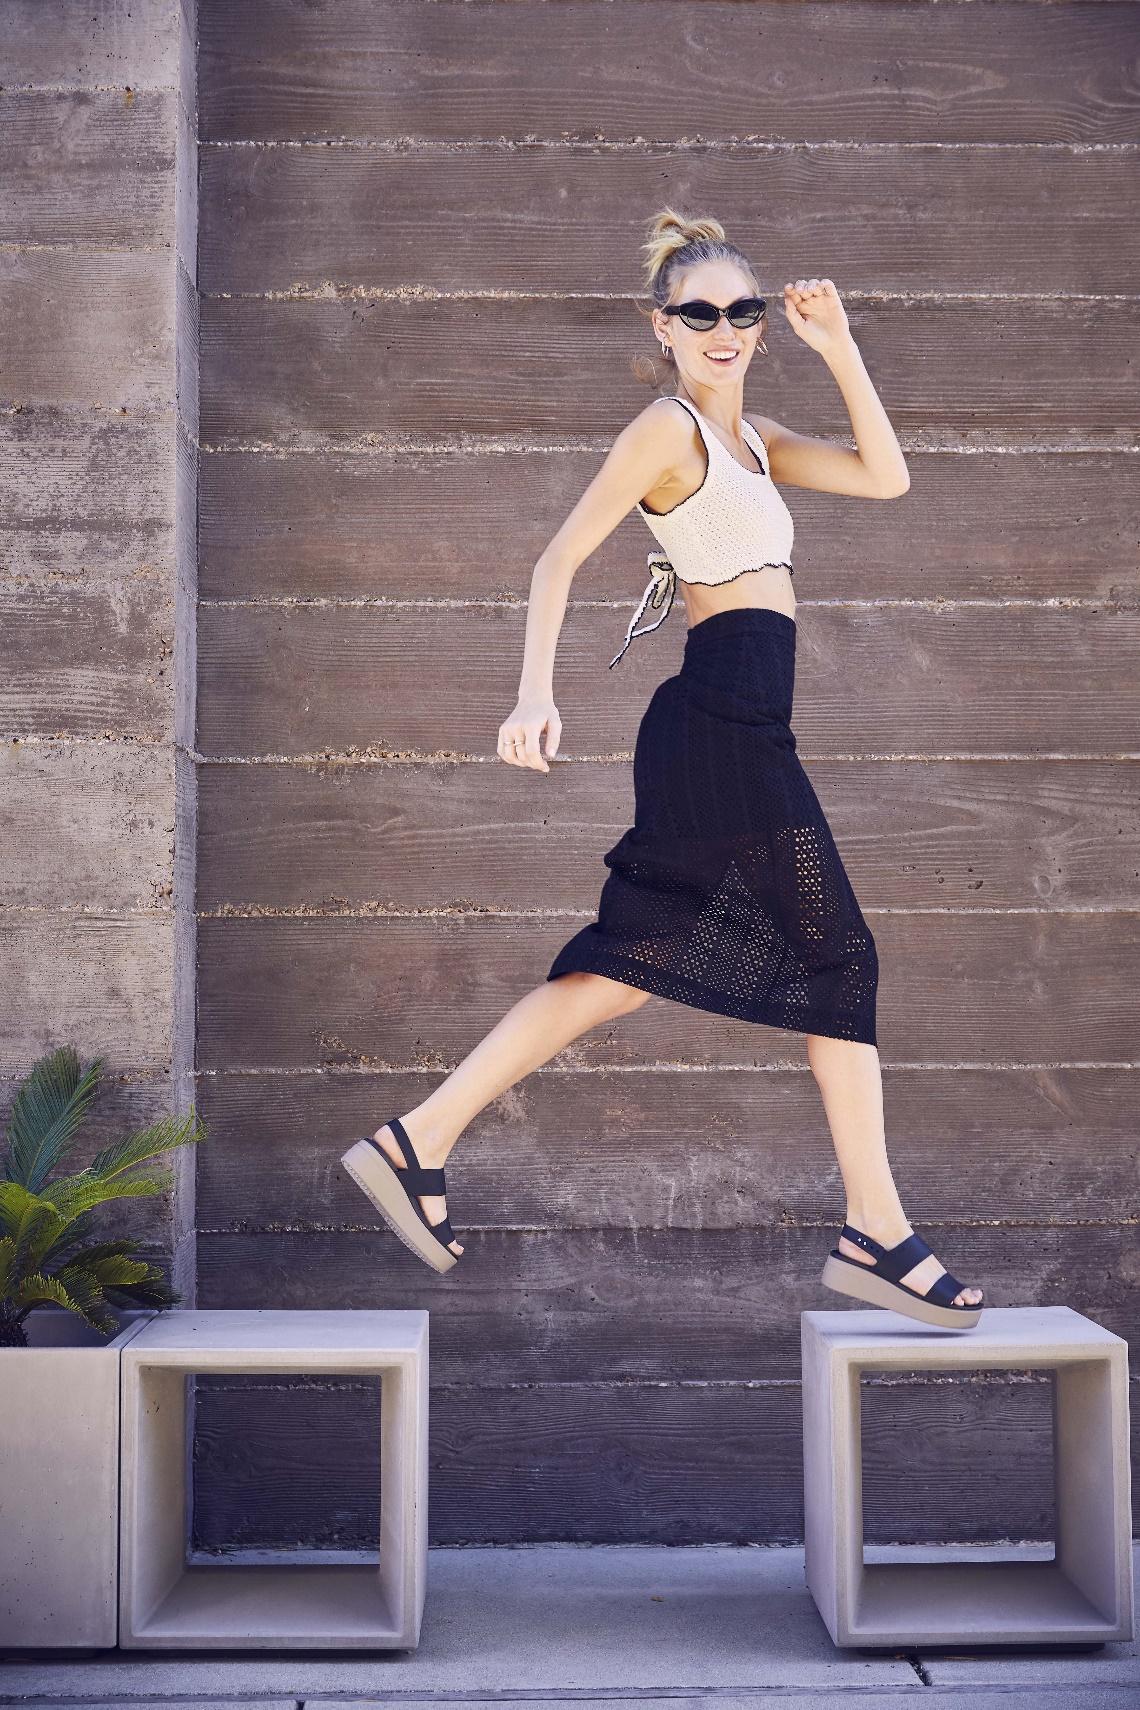 Crocs Brooklyn là đôi giày hoàn toàn phù hợp với các bộ trang phục thoải mái, năng động của mùa hè